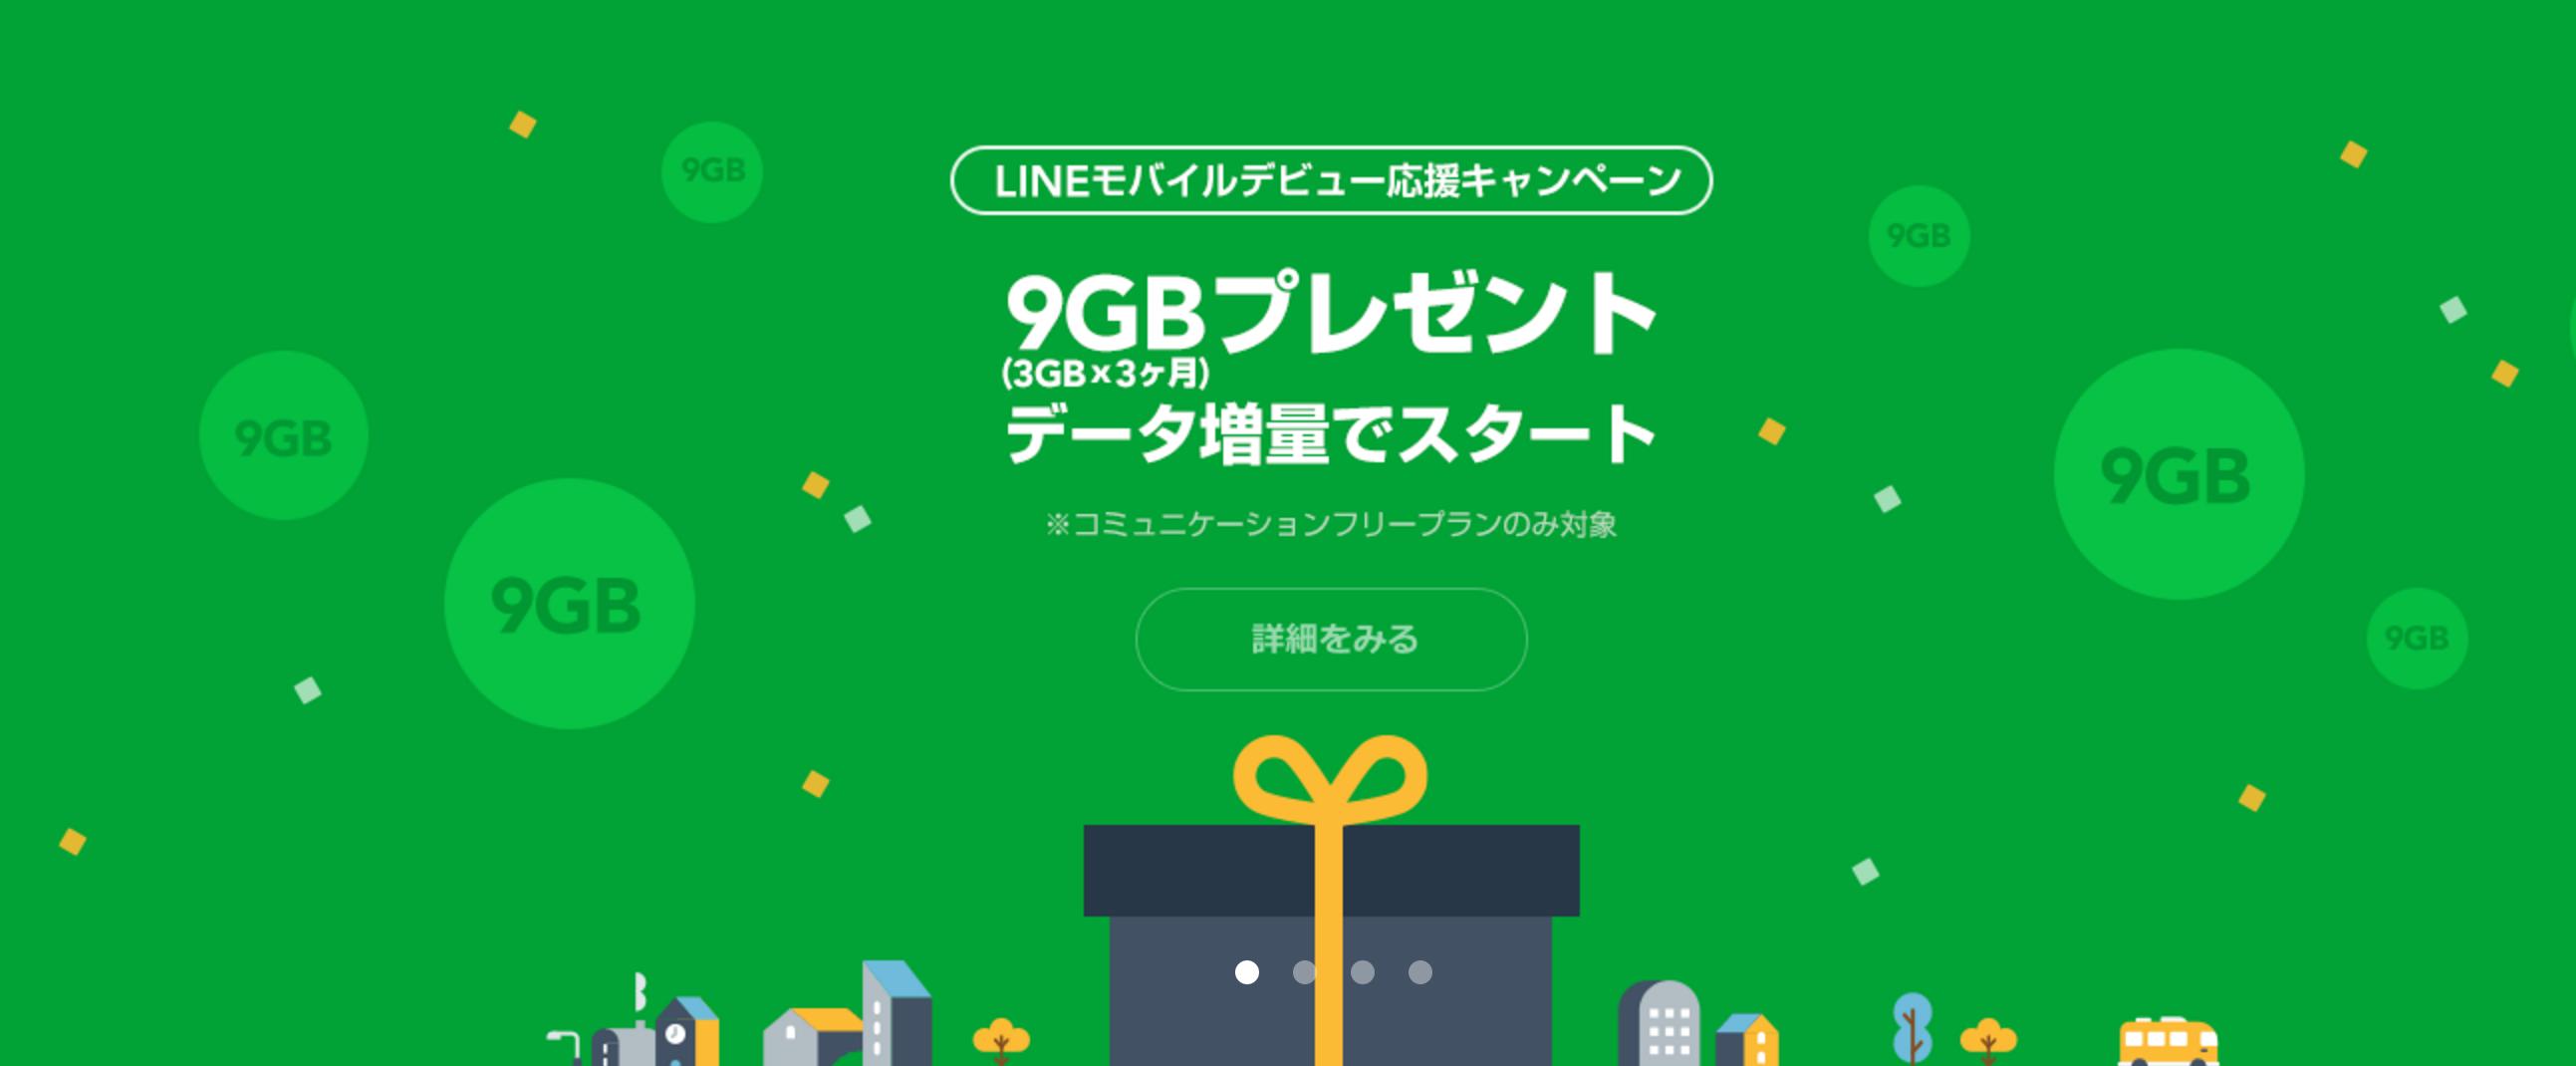 11/1〜12/31までにLINEモバイルを契約しよう!3ヶ月間データ容量3GB増量キャンペーン実施